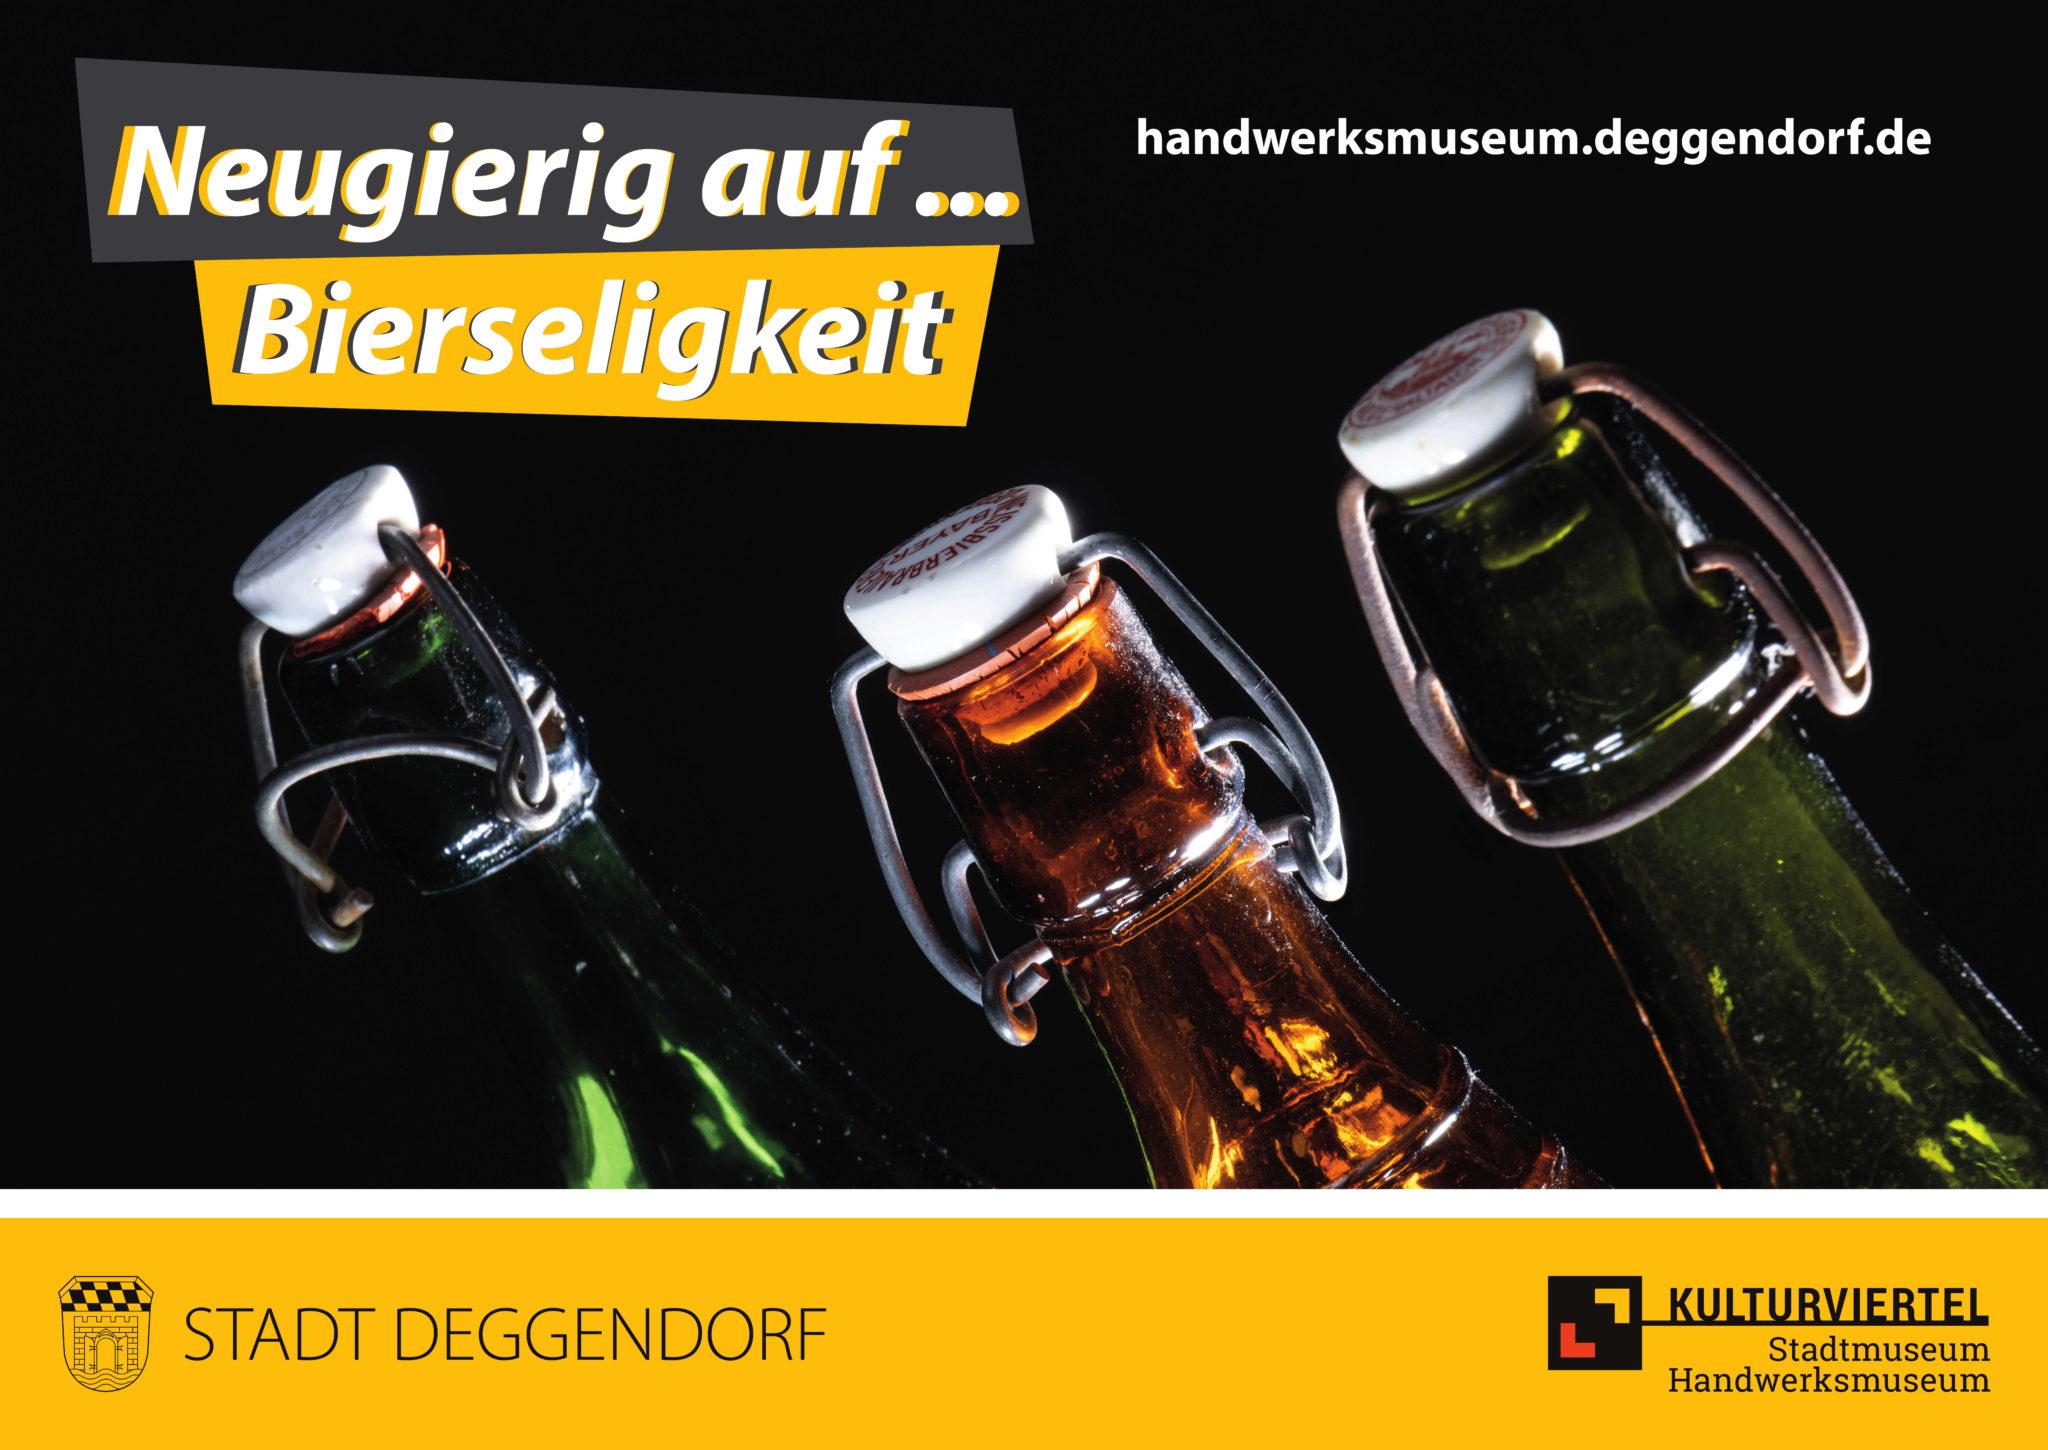 Neugierig auf Bierseligkeit: zu sehen sind drei Flaschenhälse von Bierflaschen